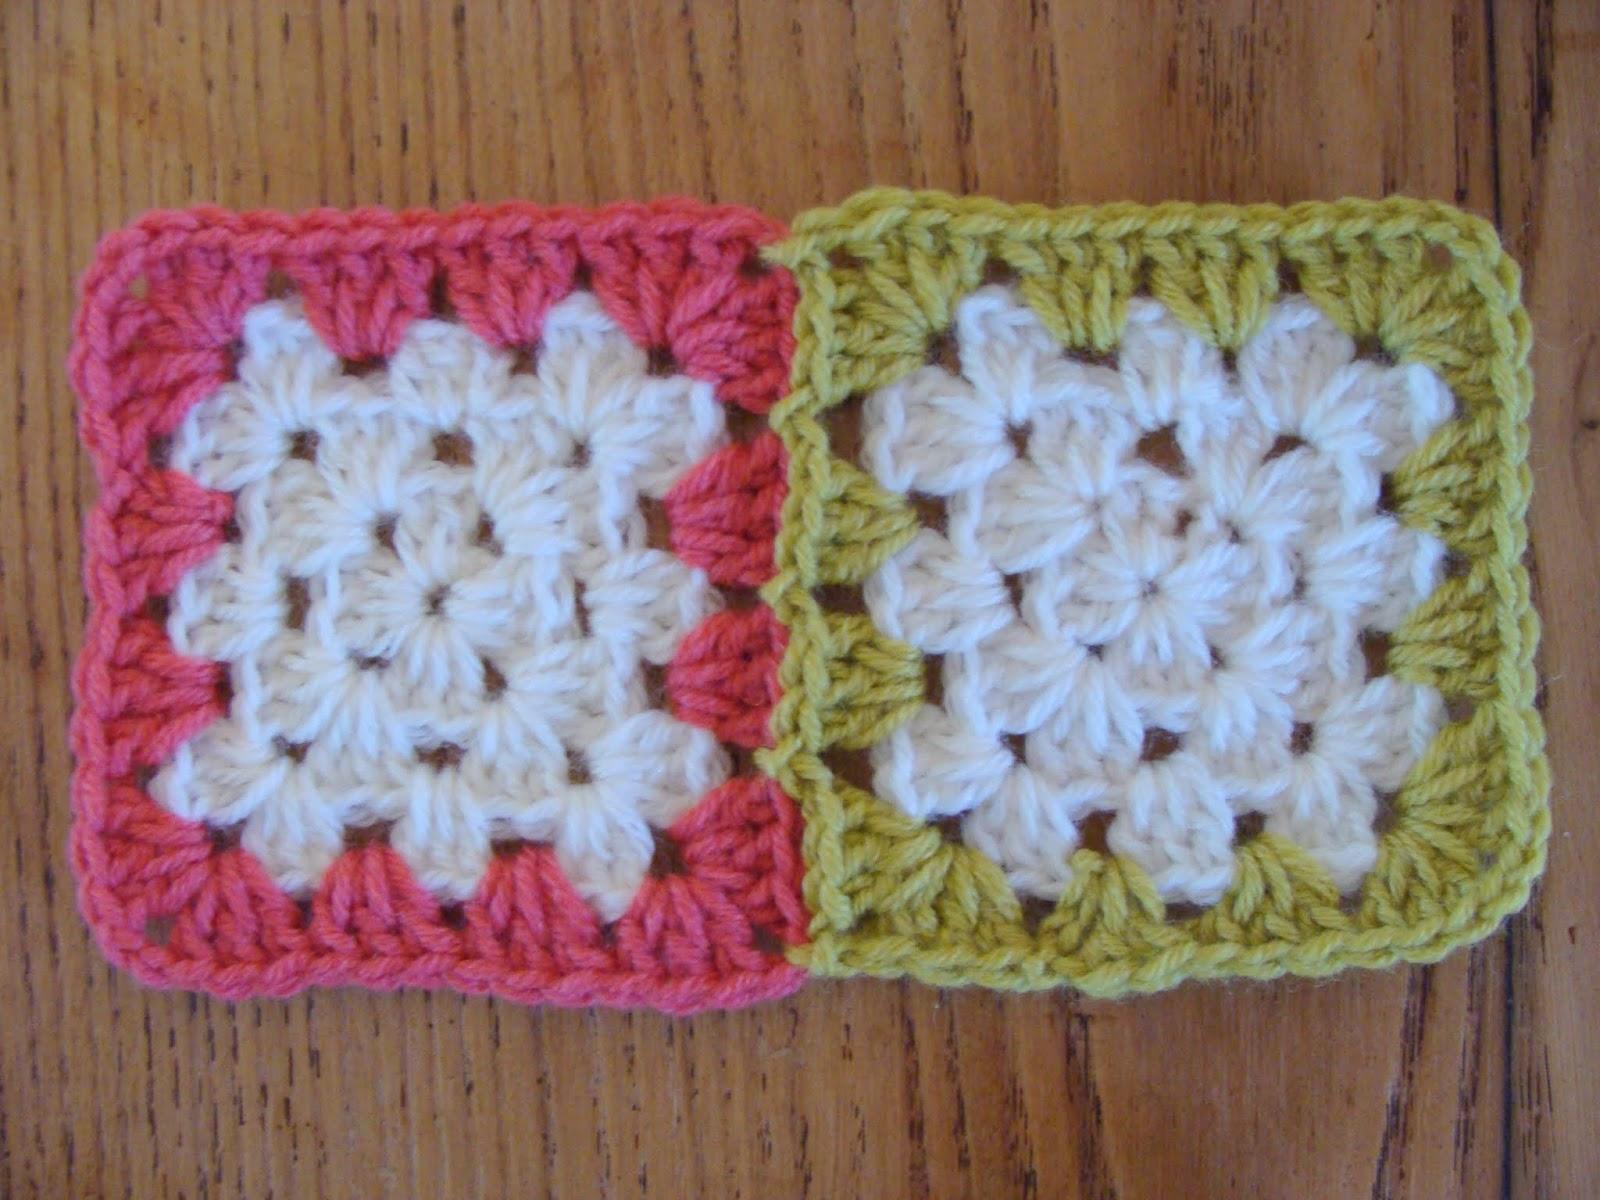 Piastrelle ad uncinetto piastrella quadrata a uncinetto con petali